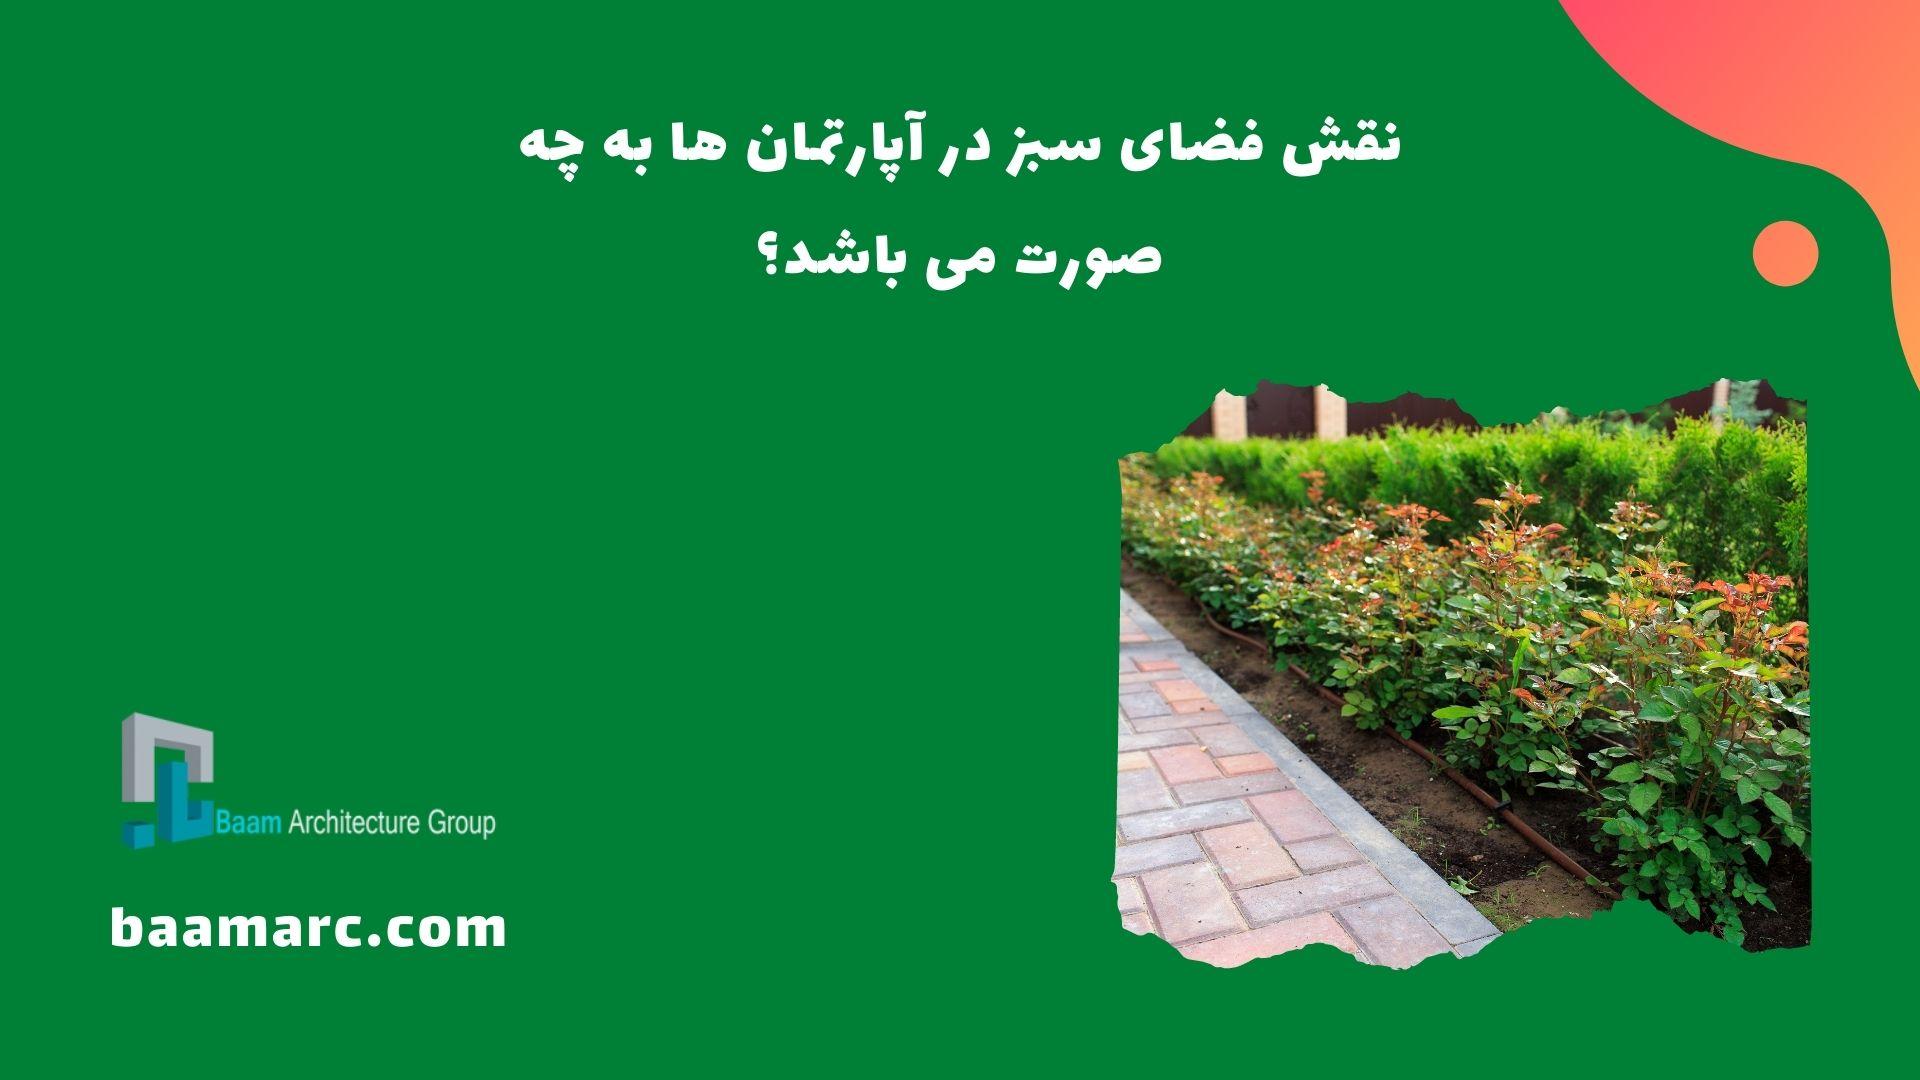 نقش فضای سبز در آپارتمان ها به چه صورت می باشد؟